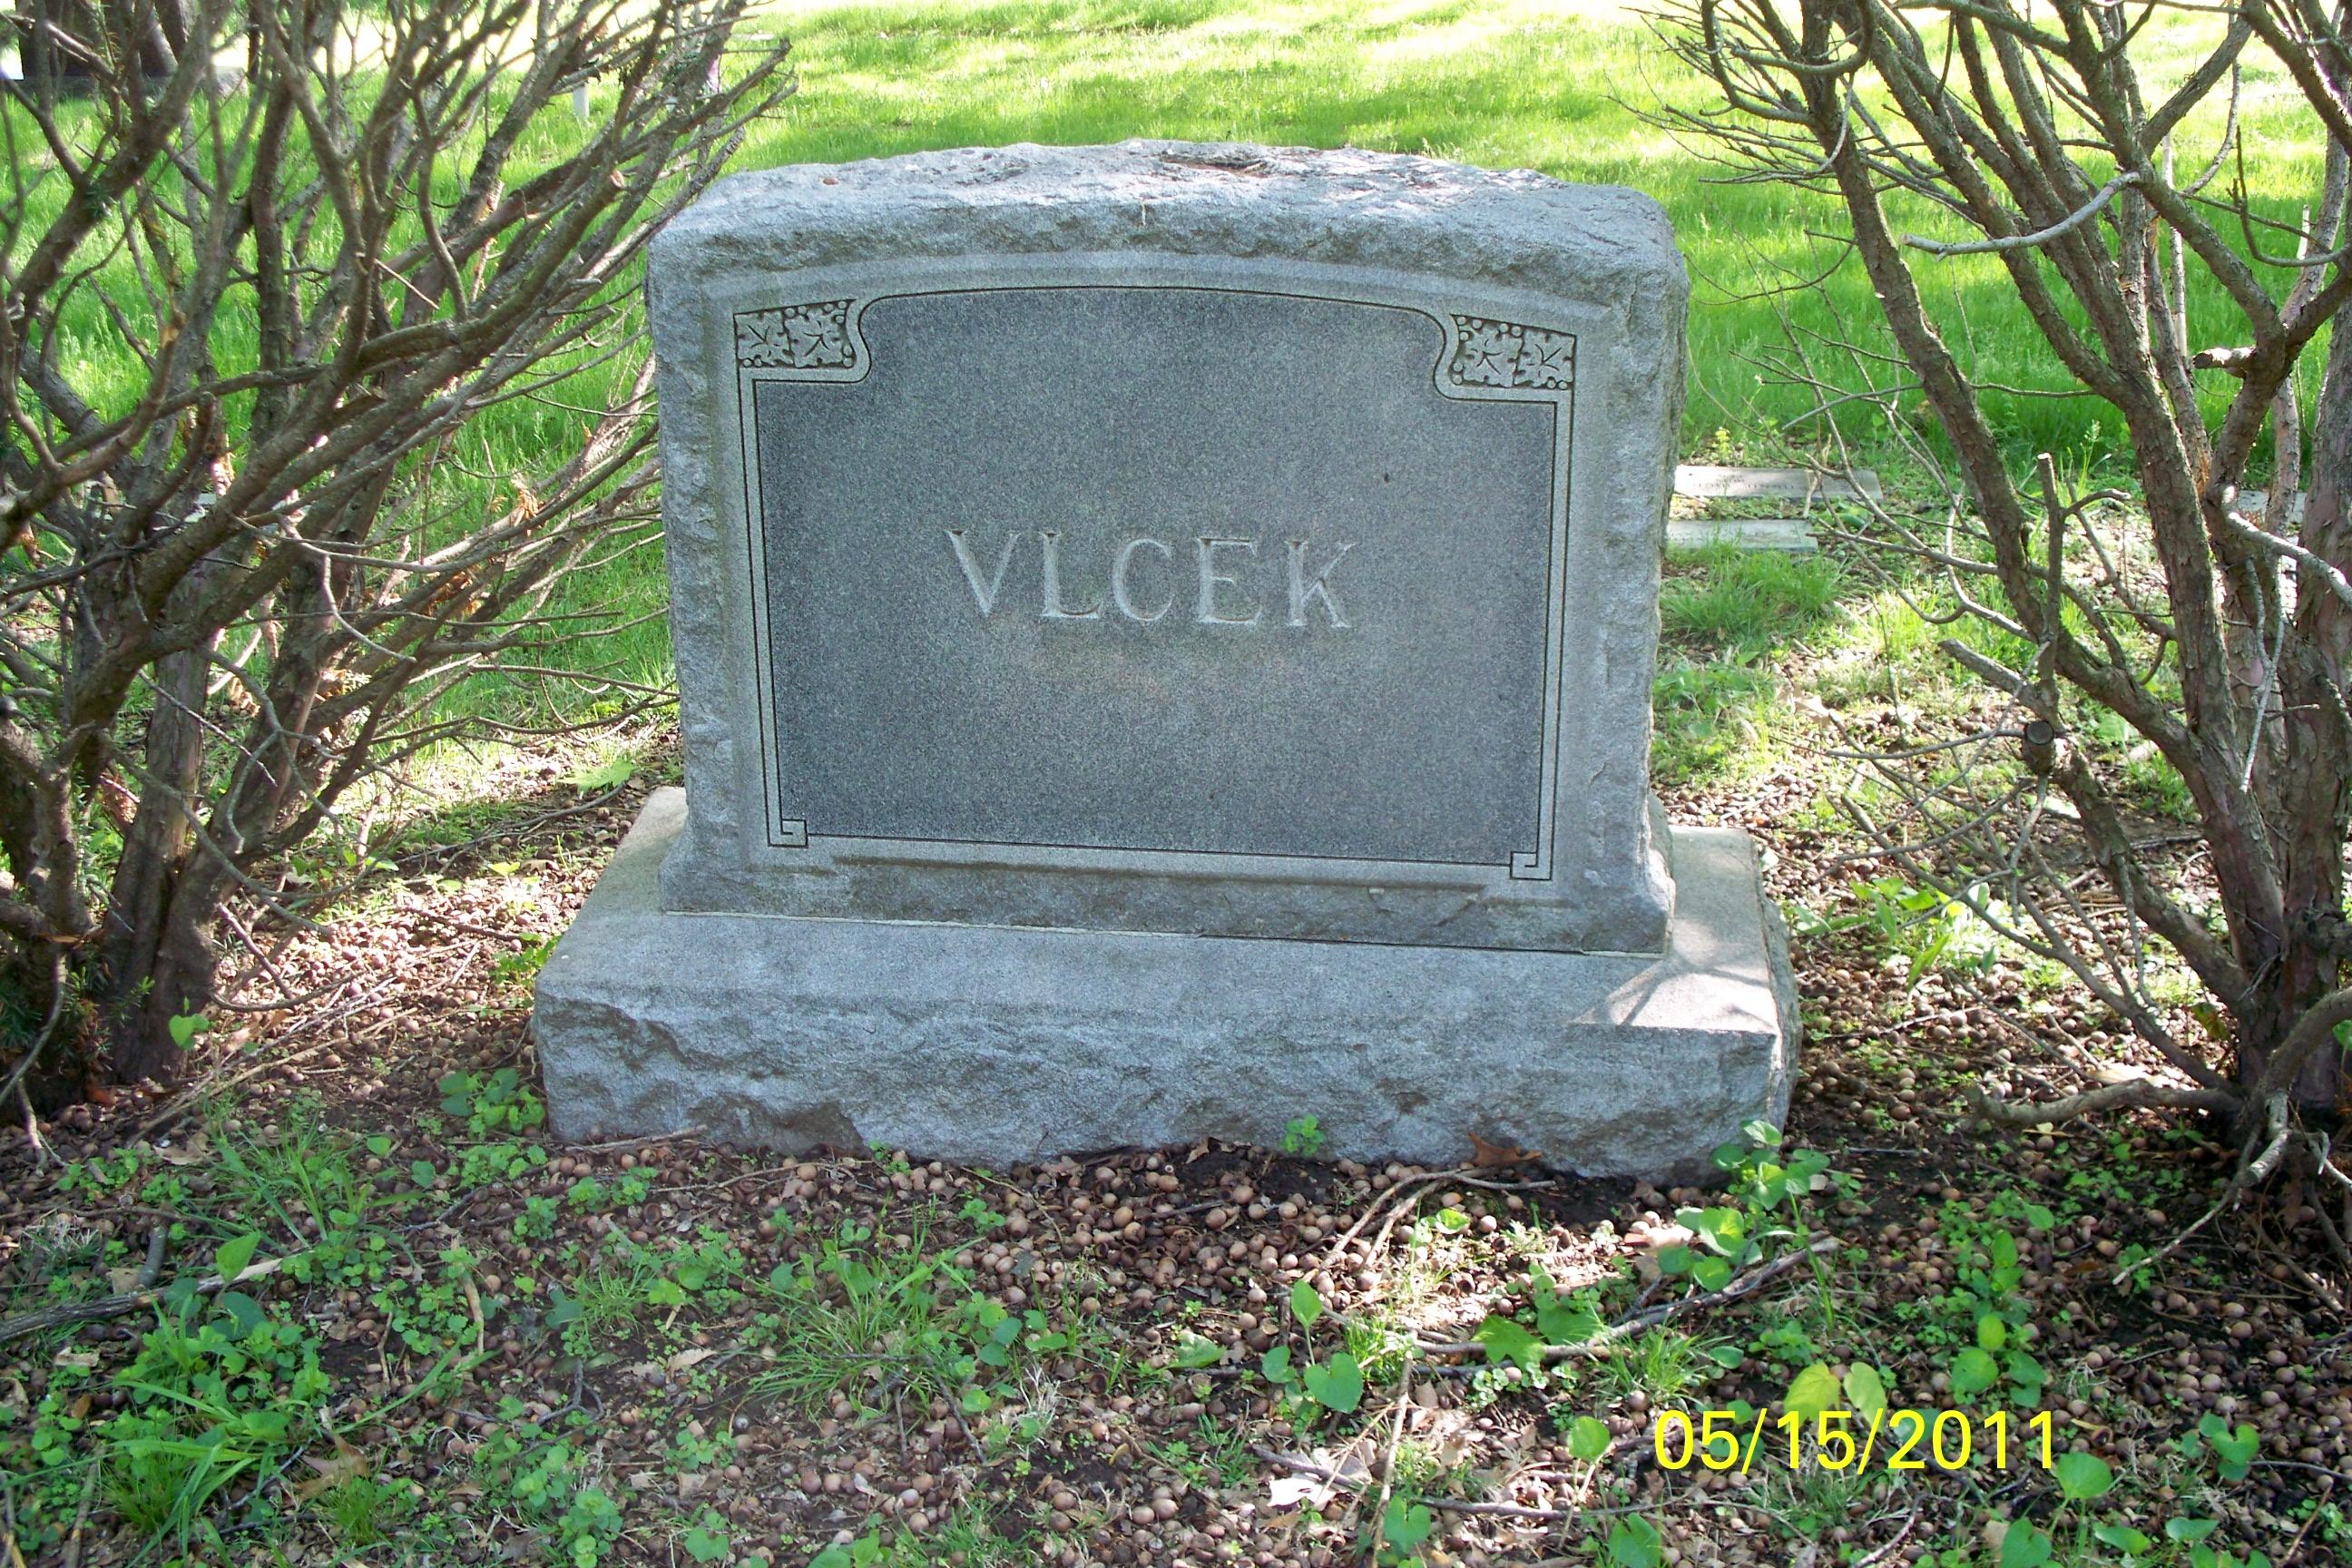 James Vlcek